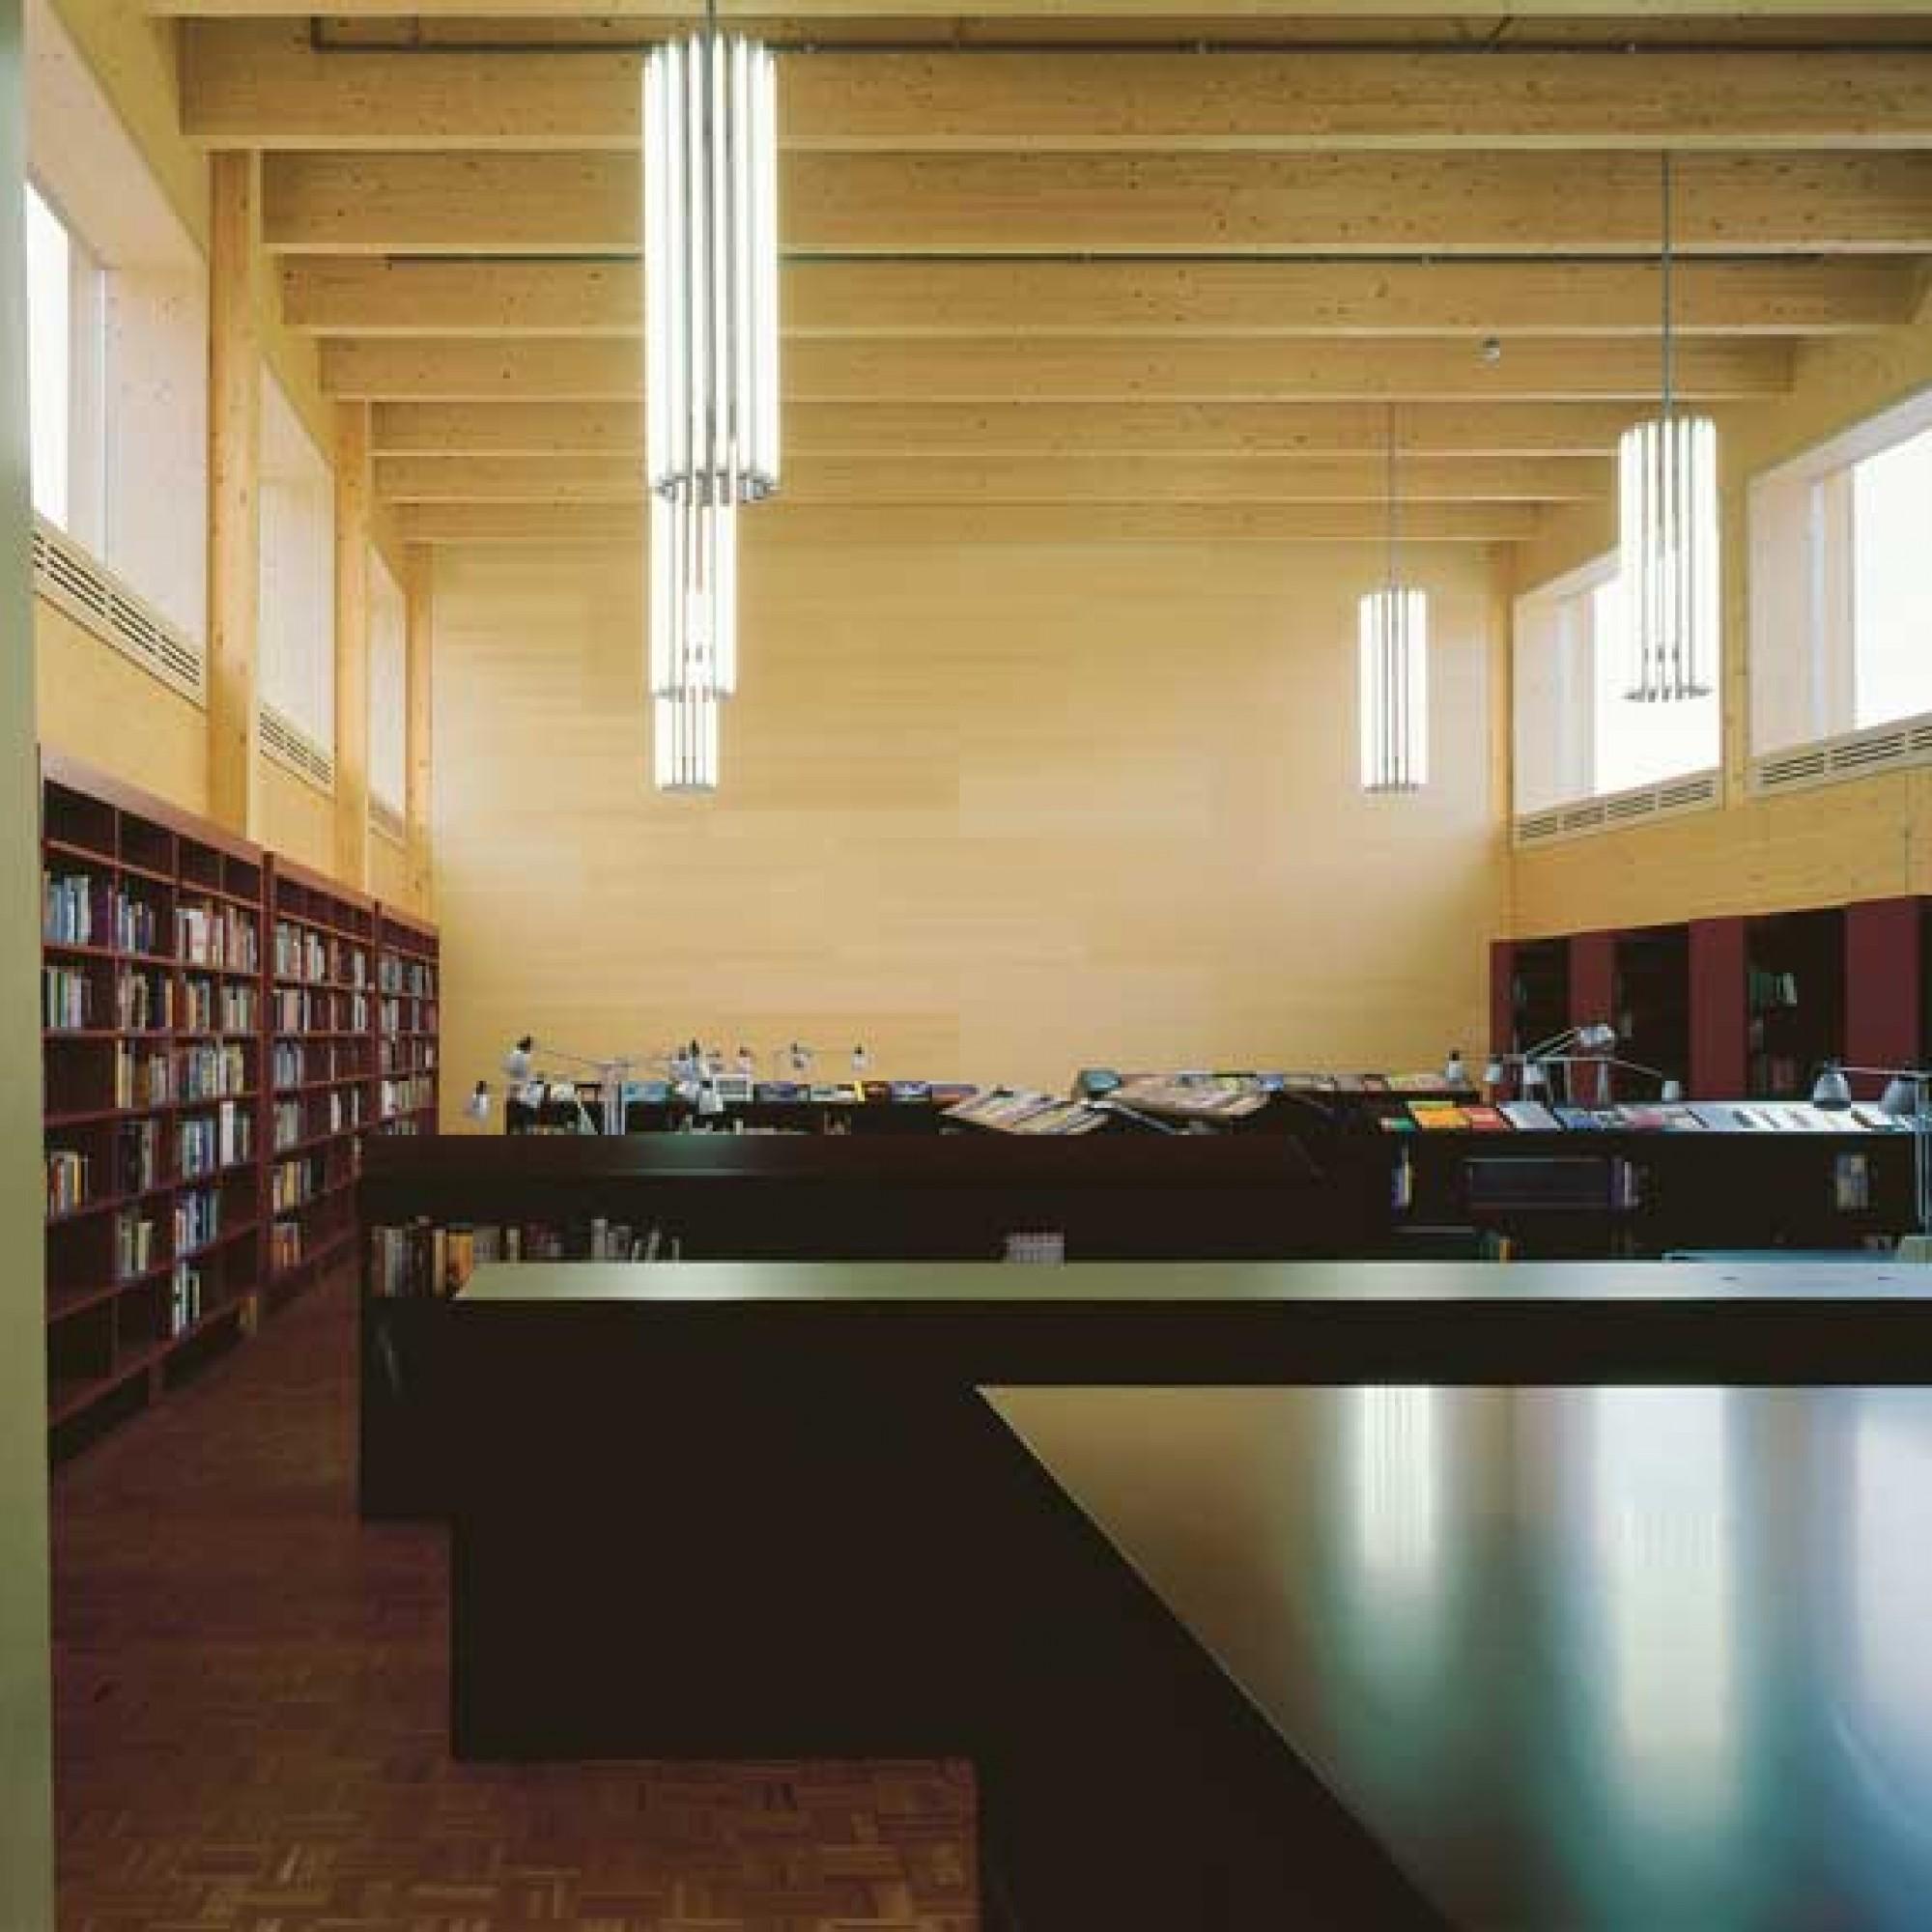 Bibliothek in der Kantonschule Wil, Baujahr 2004. (Heinrich Helfenstein / zvg BAK)